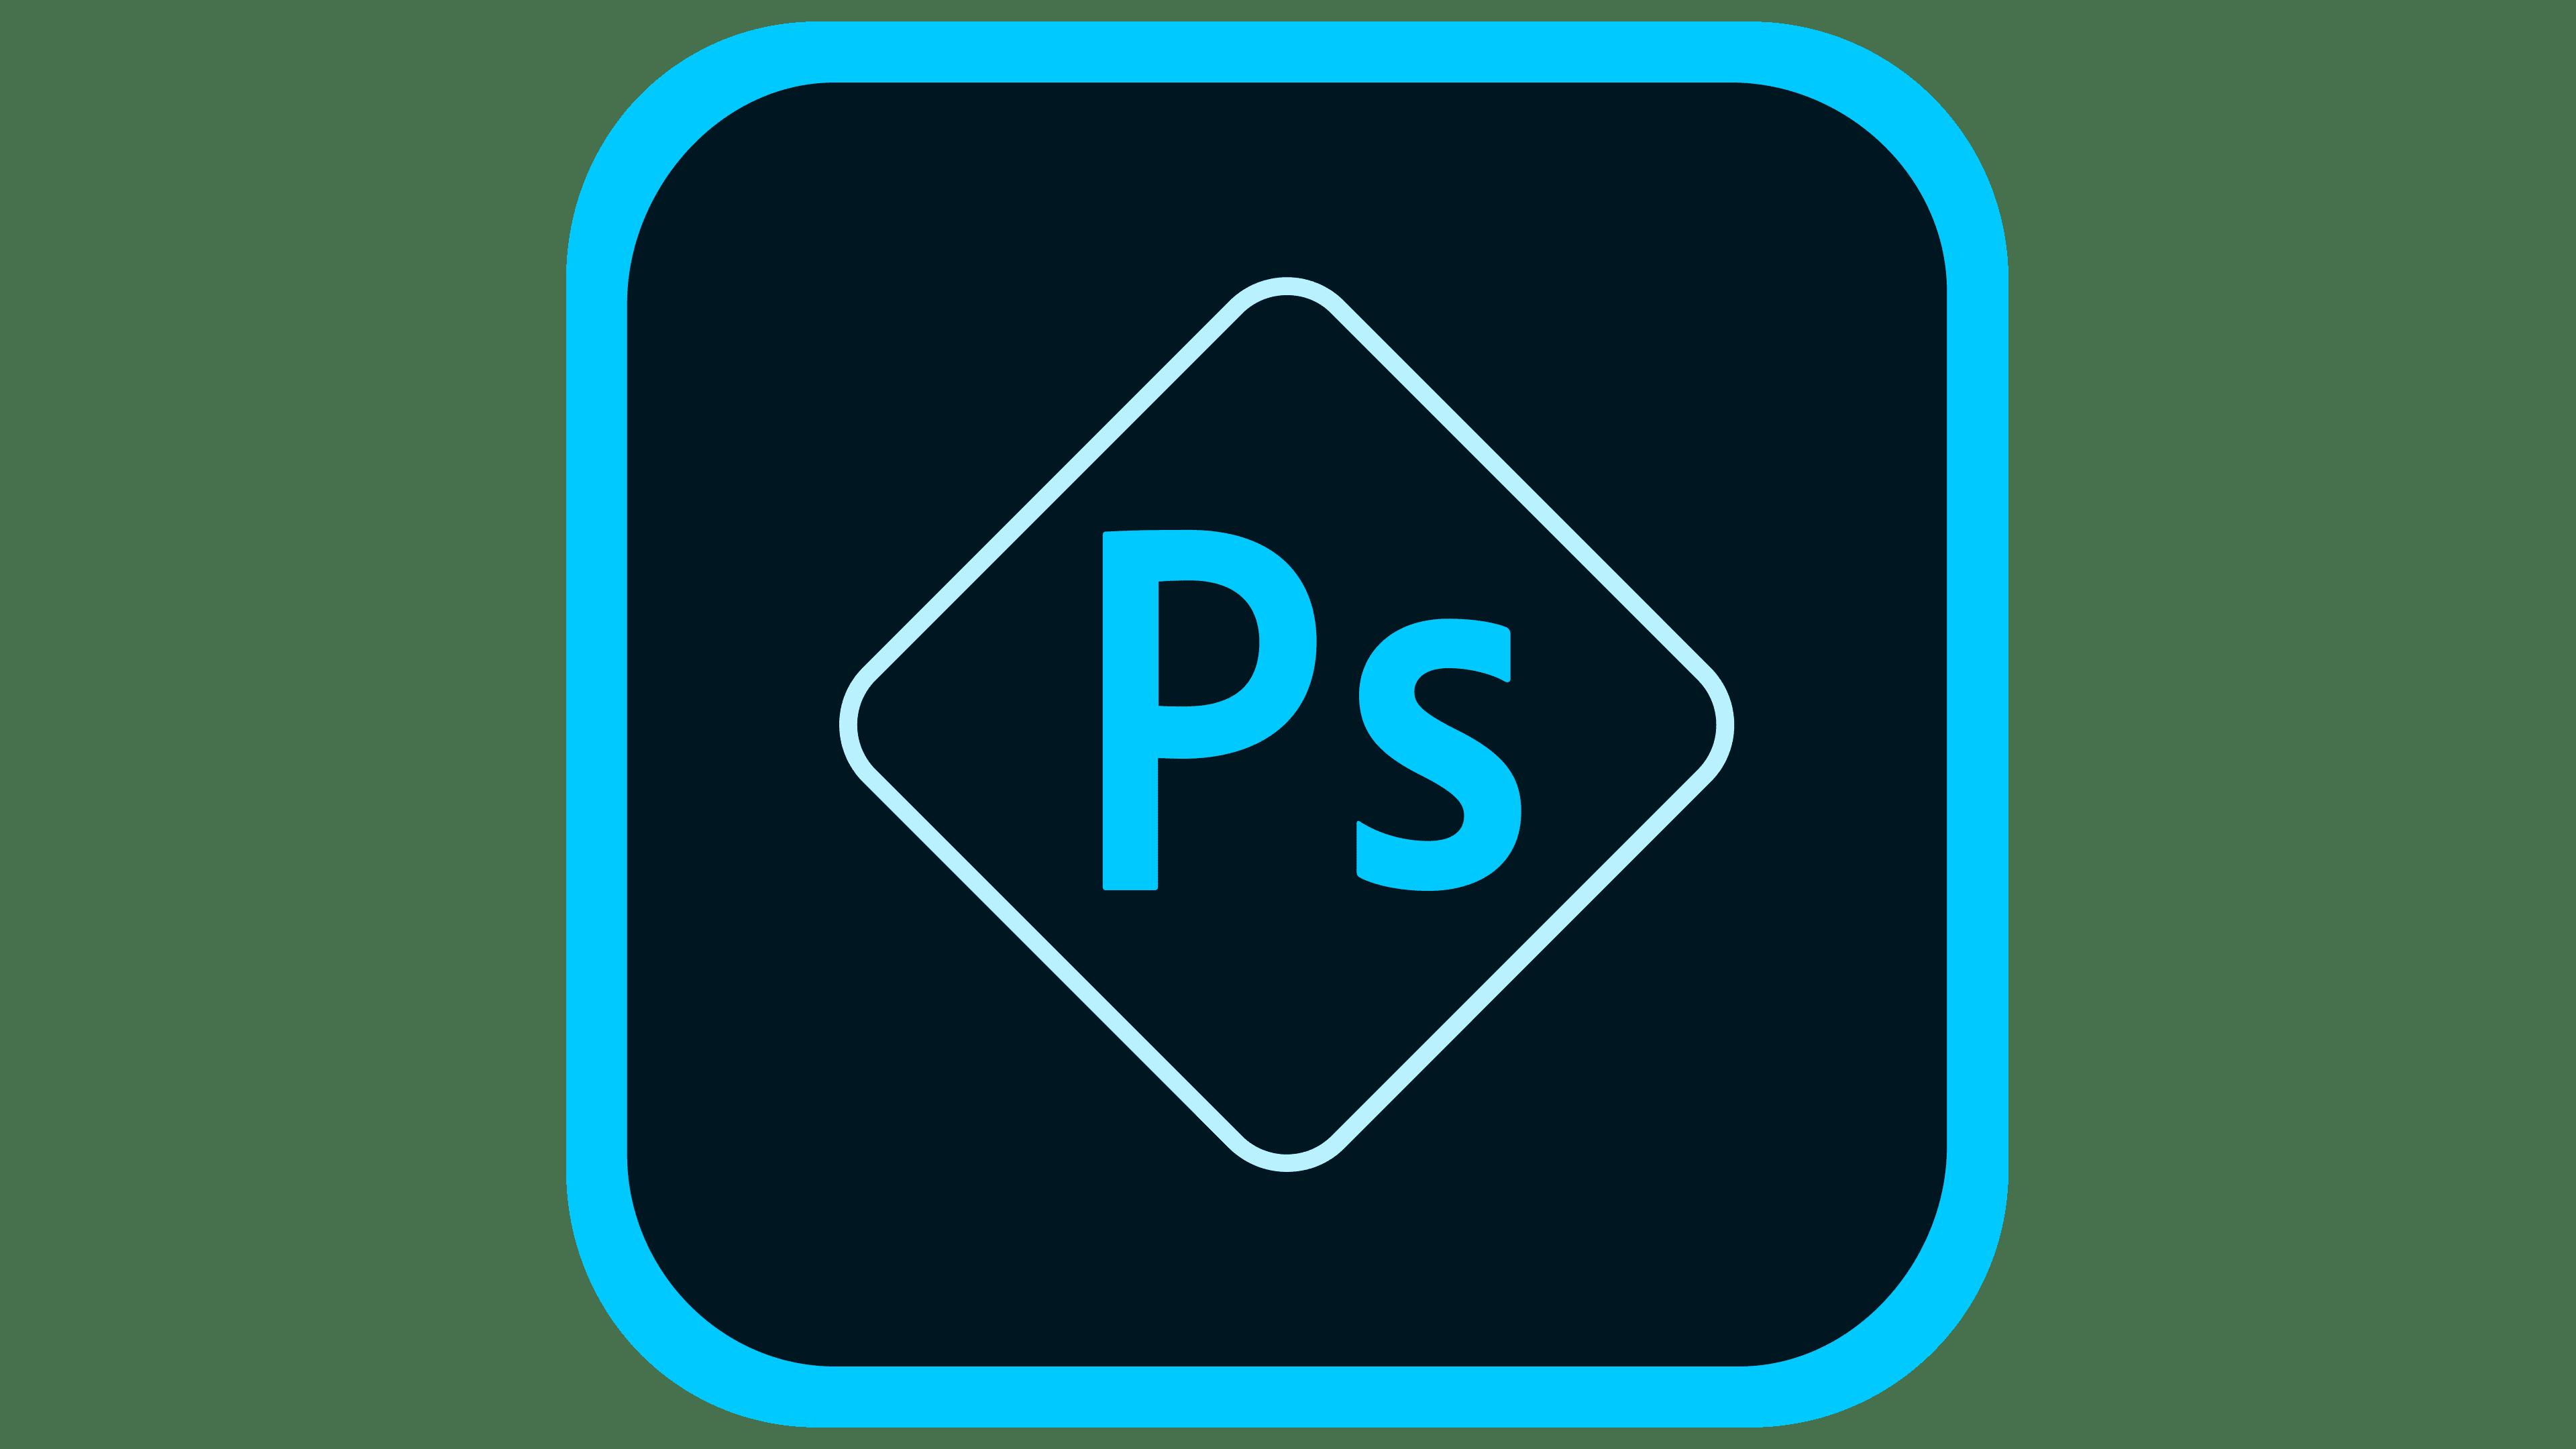 Photoshop emblem